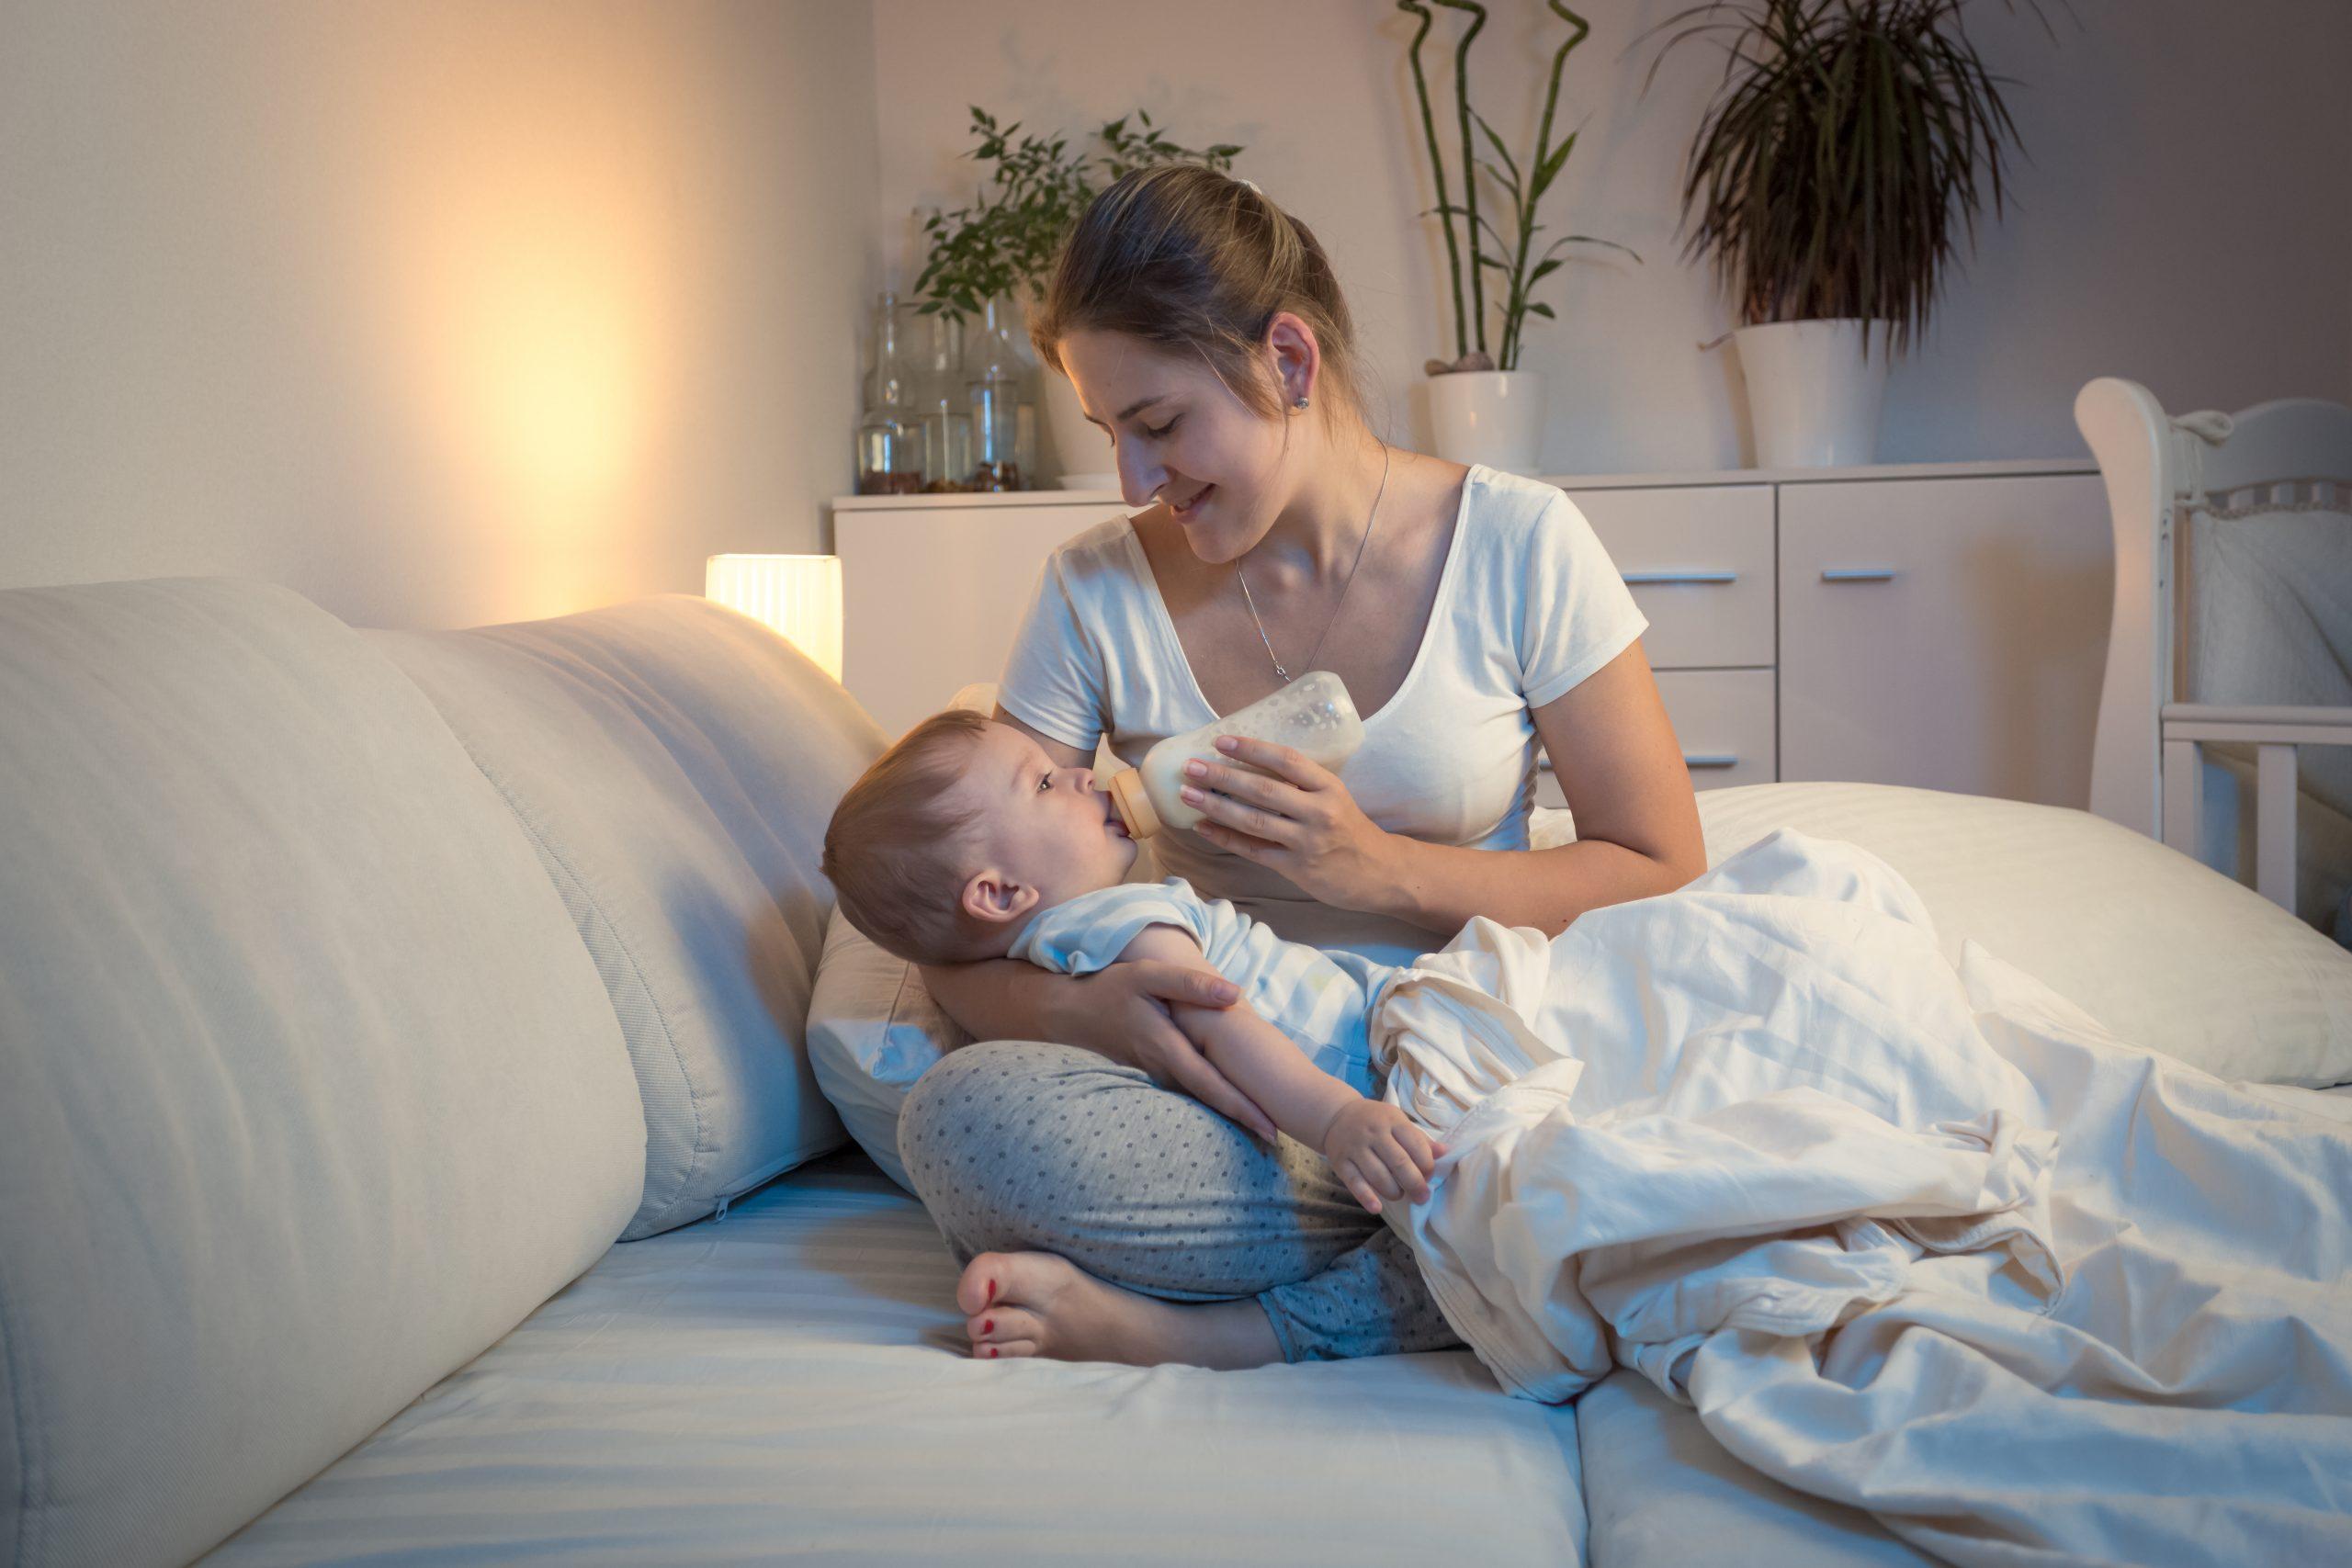 Как отучить ребенка от ночных кормлений смесью: когда начинать и как правильно это делать